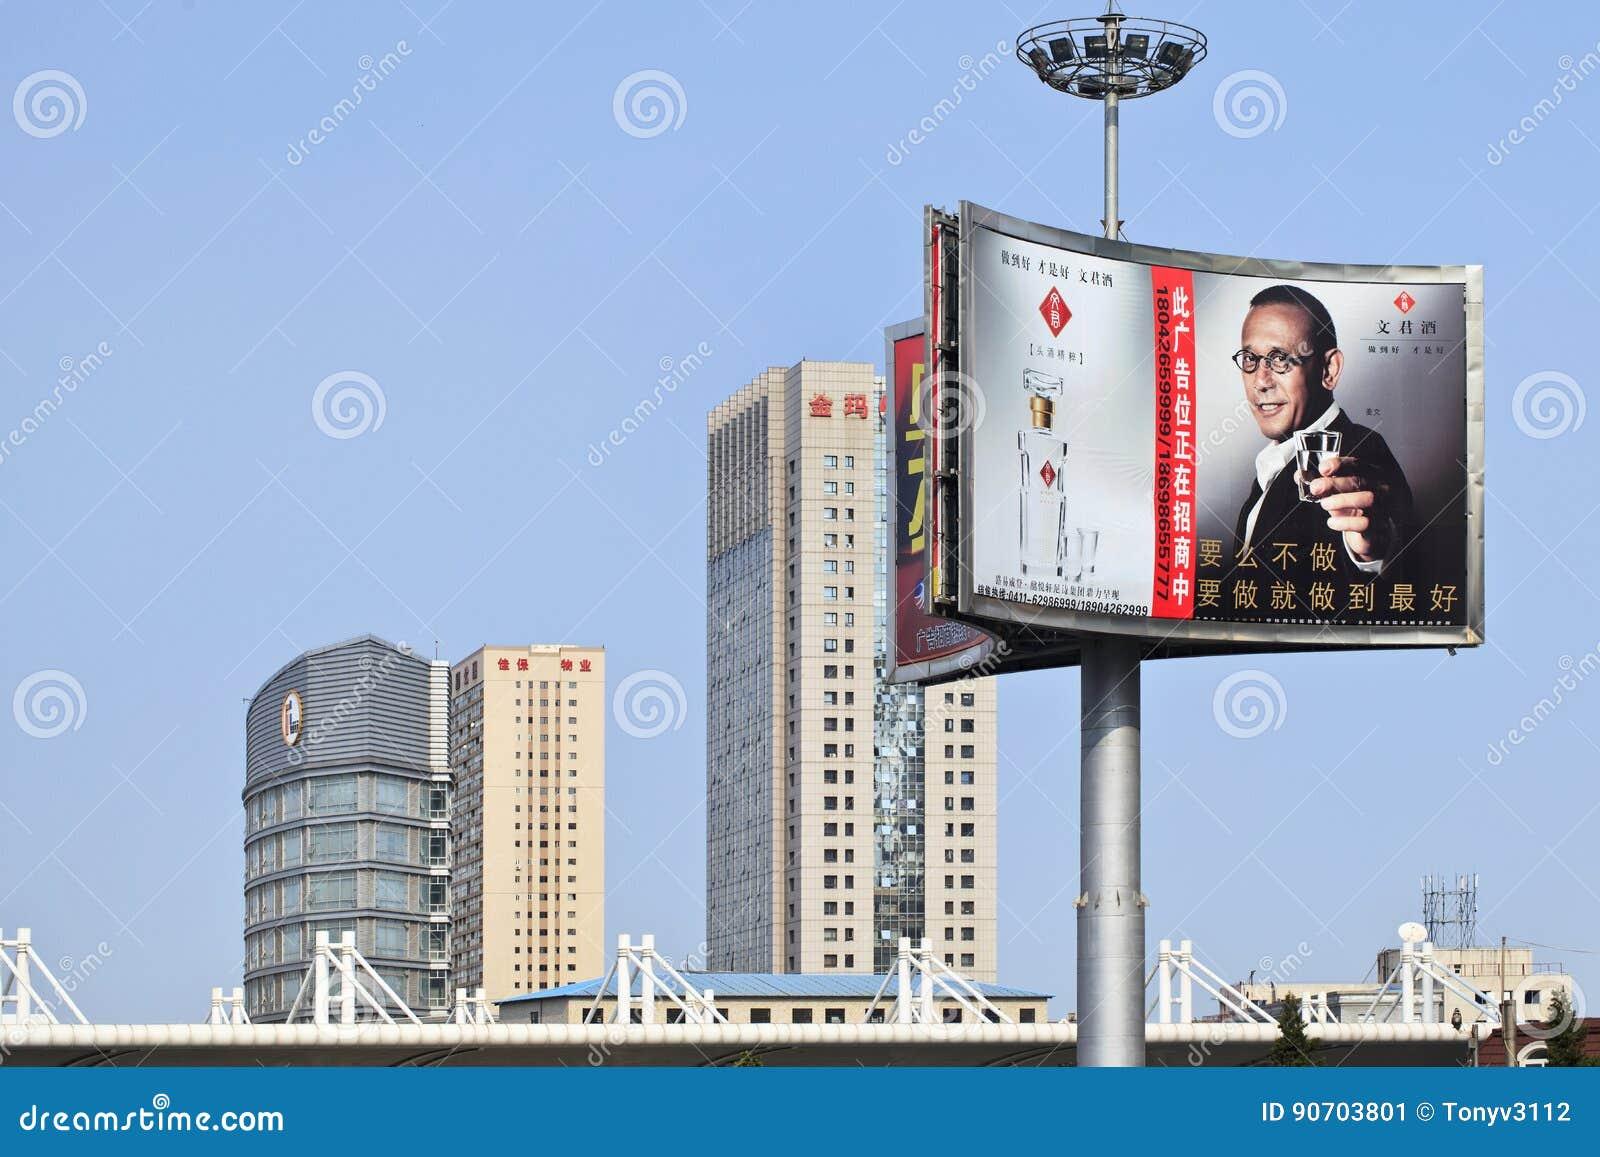 Adverte do quadro de avisos com celebridade chinesa, Dalian, China